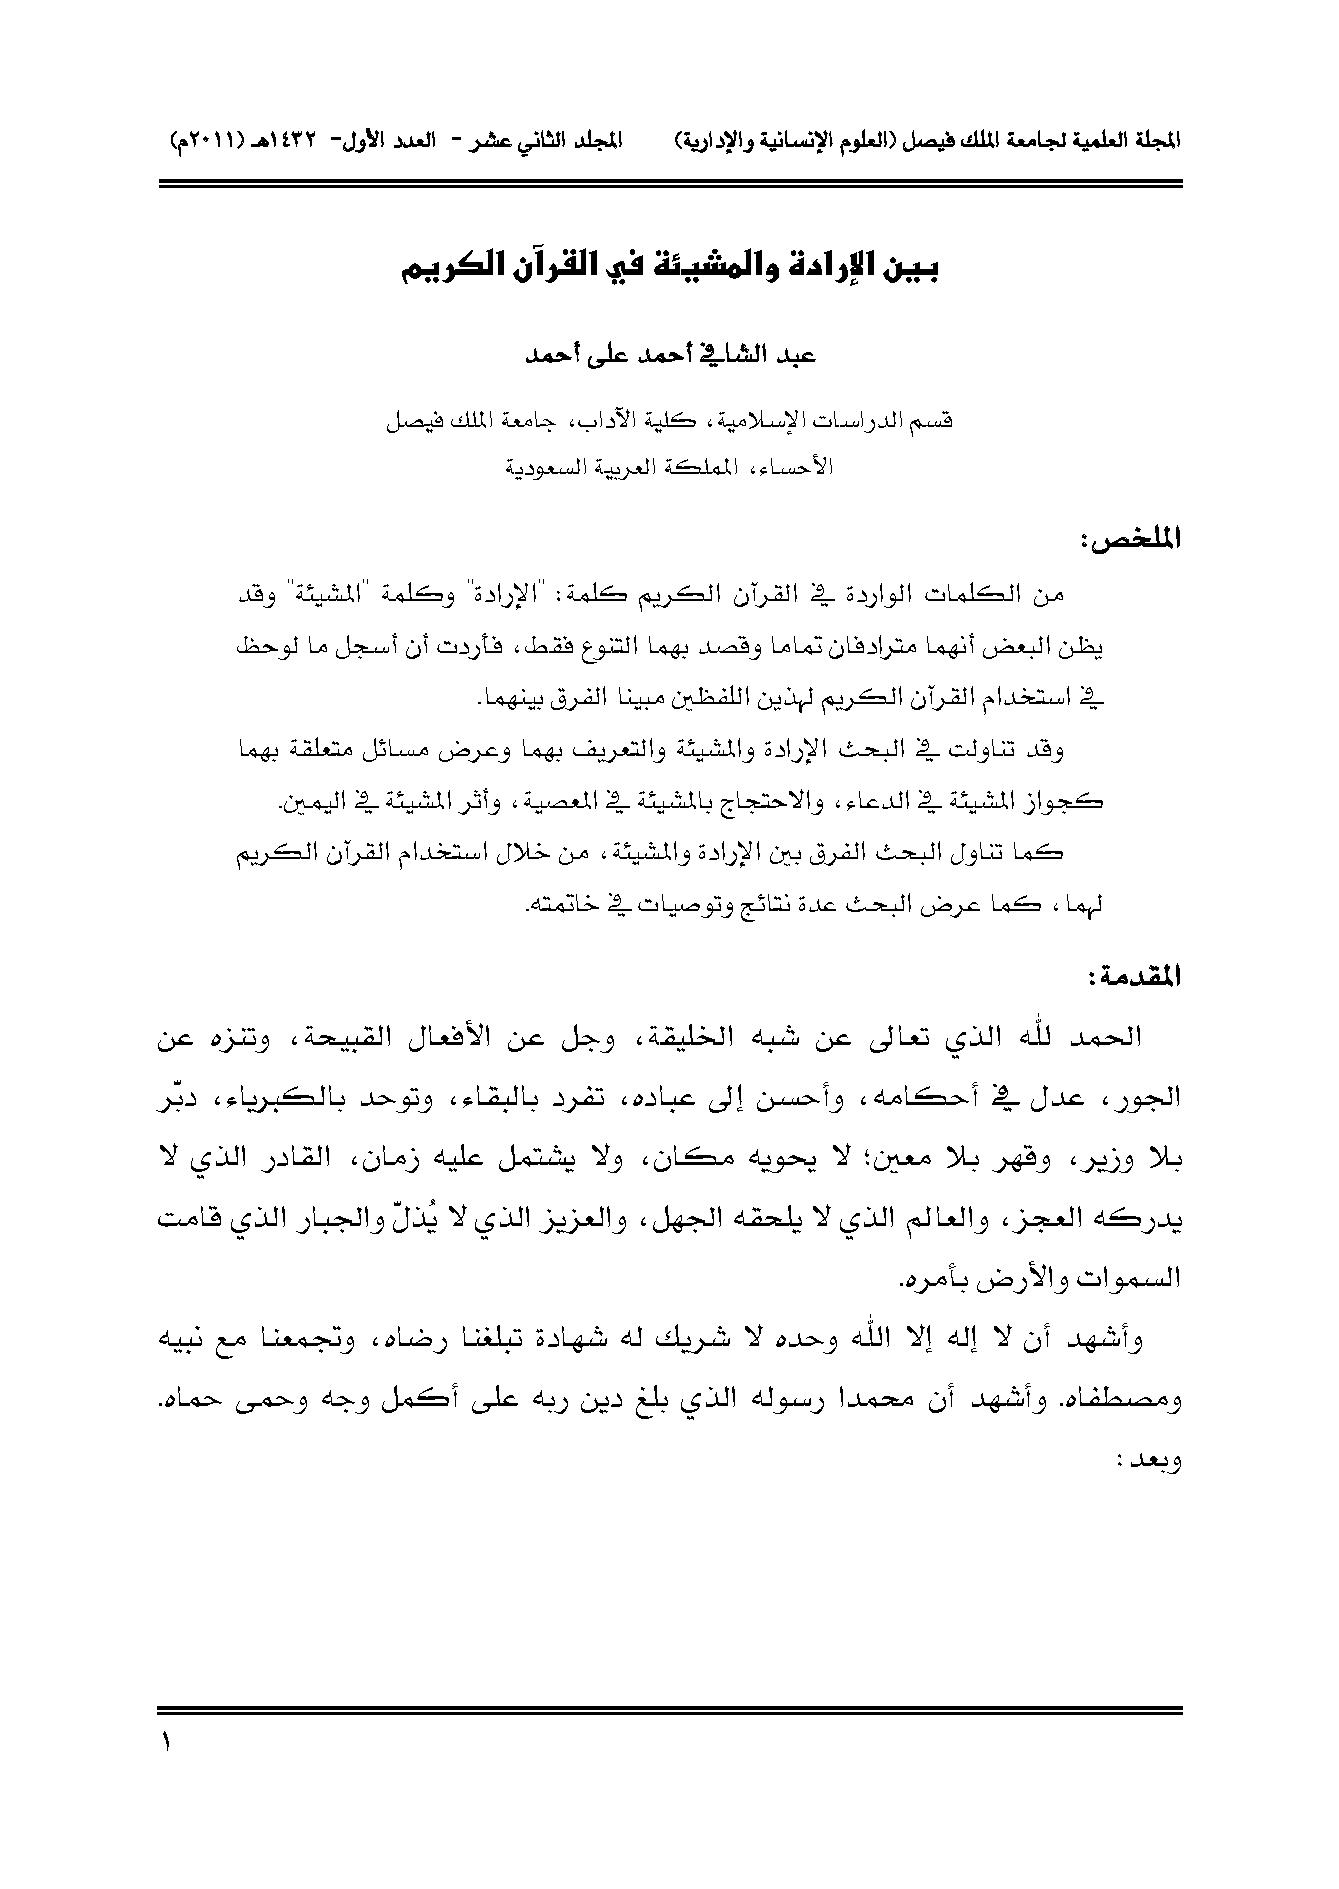 تحميل كتاب بين الإرادة والمشيئة في القرآن الكريم لـِ: الدكتور عبد الشافي أحمد علي أحمد